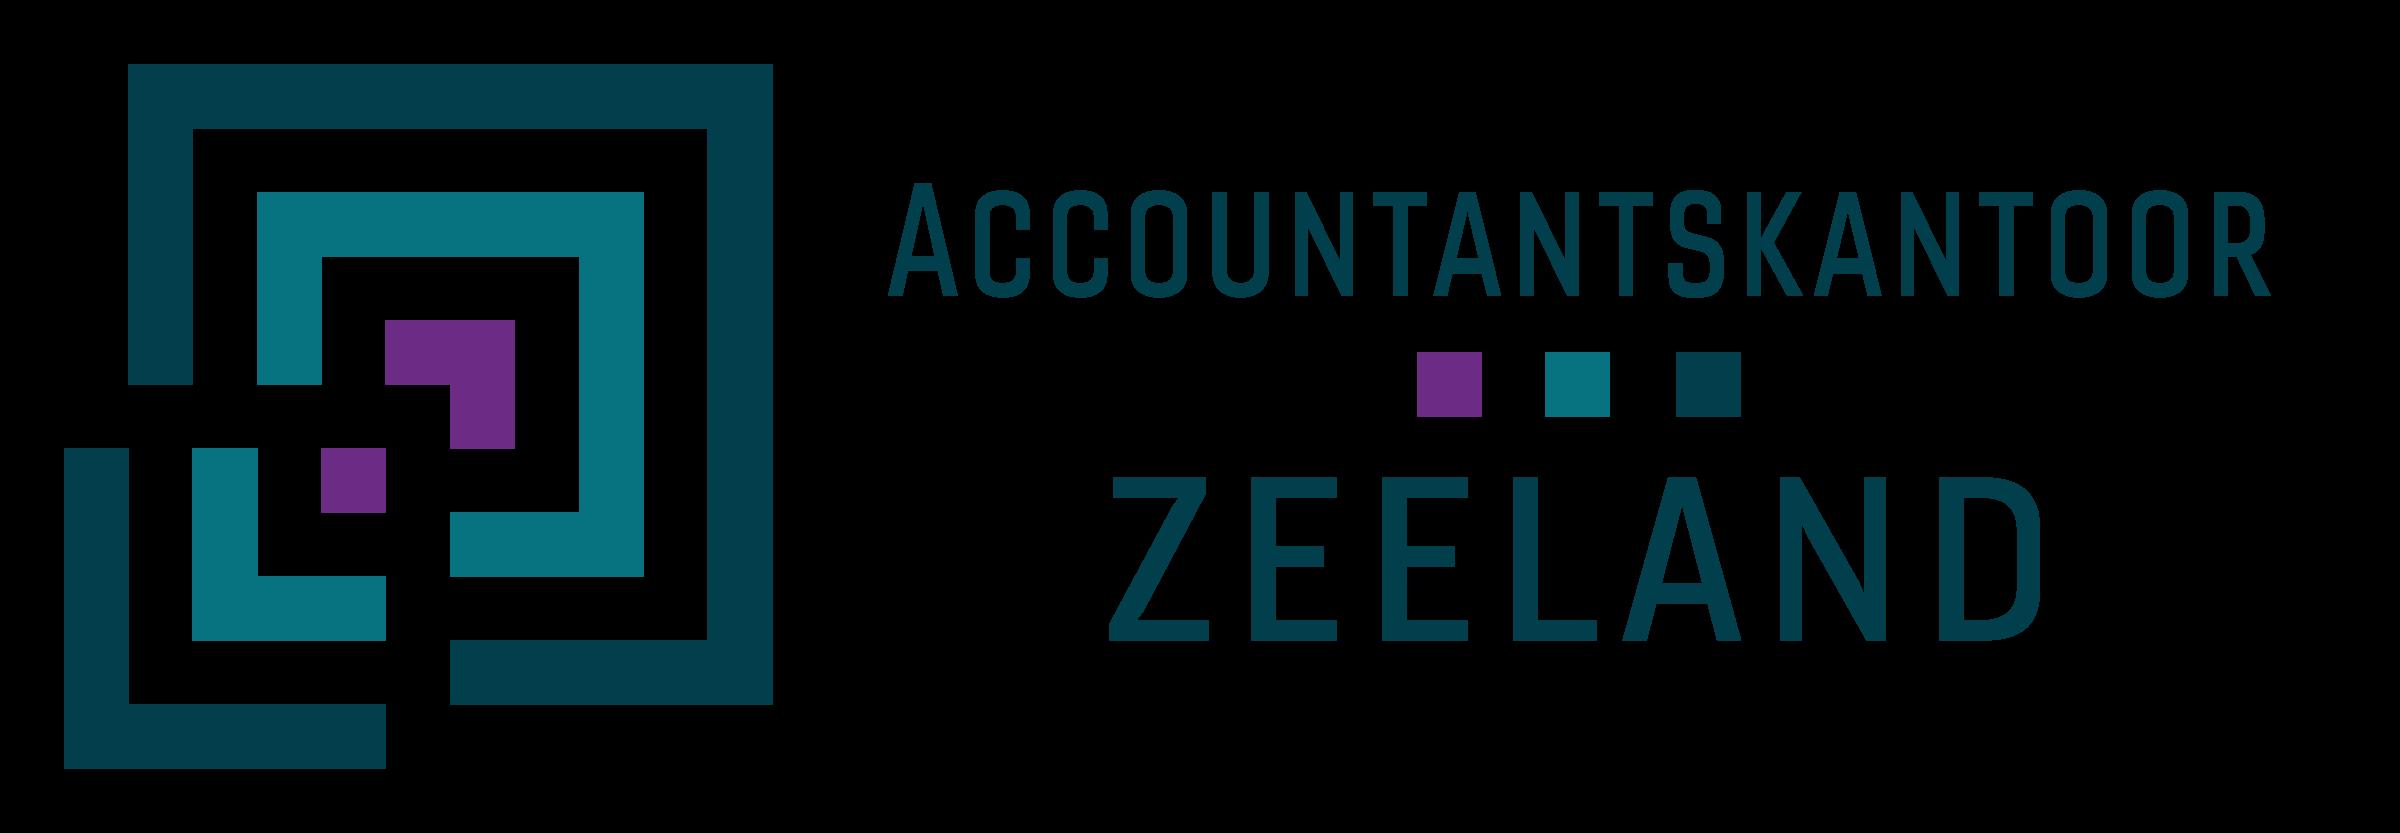 Accountantskantoor Zeeland - uw accountant in Zeeland!